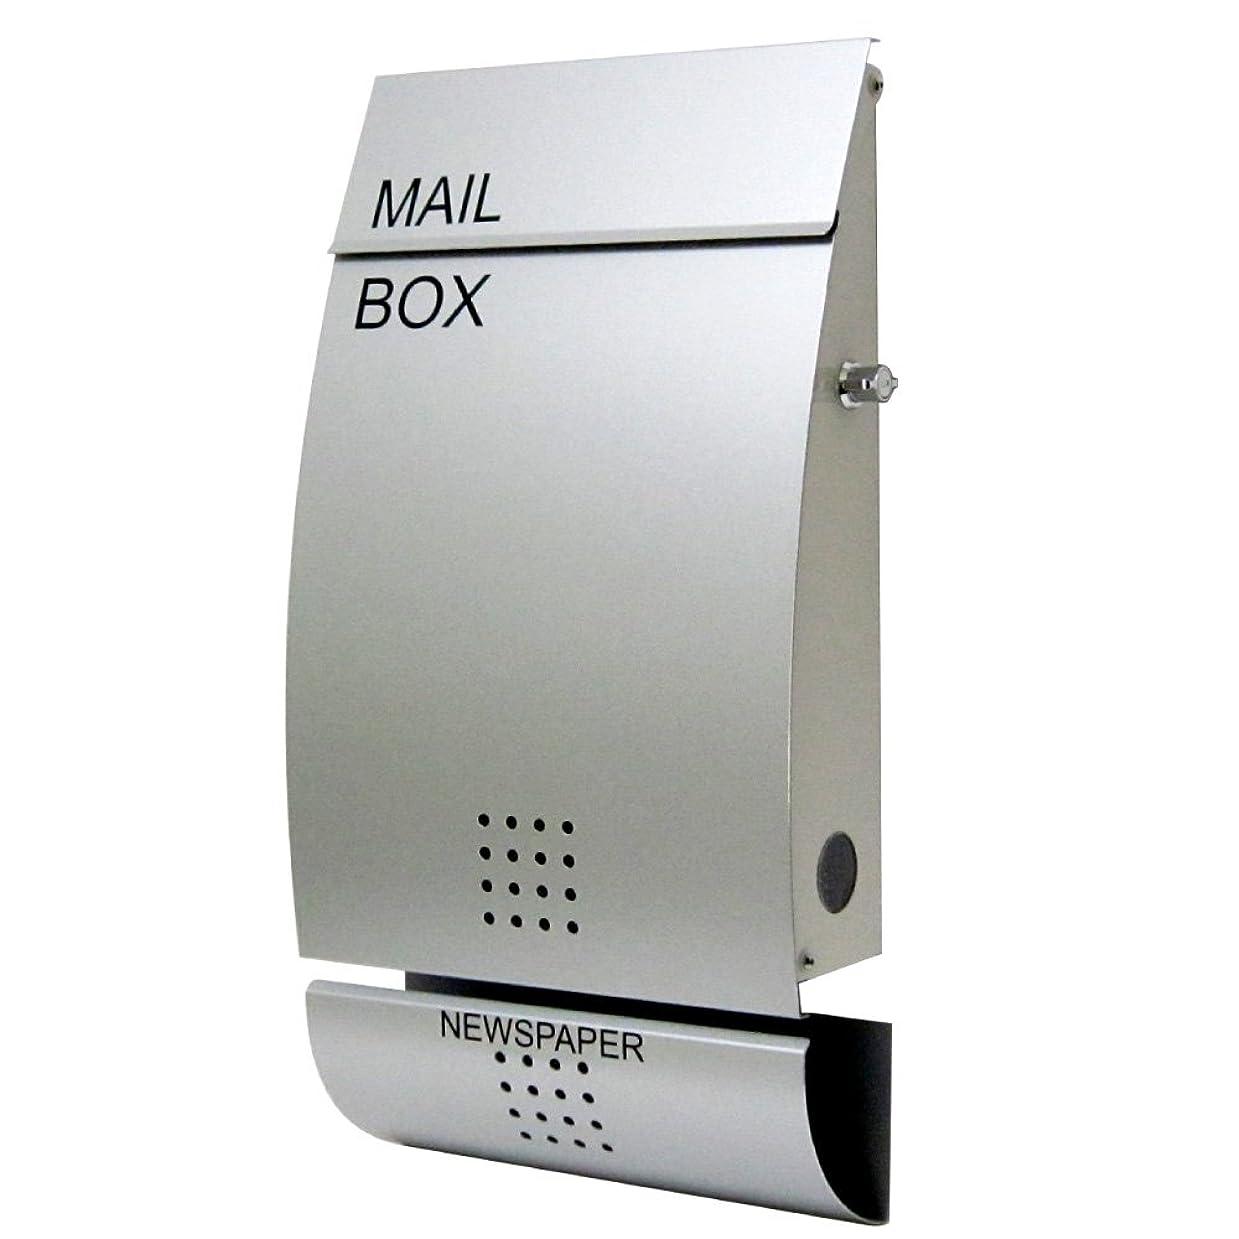 シーフード見かけ上誤ってEUROデザイナーズポスト ユーロデザイナーズポスト MB4502 郵便受け MB4502-KL-SILVER 003 シルバー 奥行27×高さ52×幅9cm